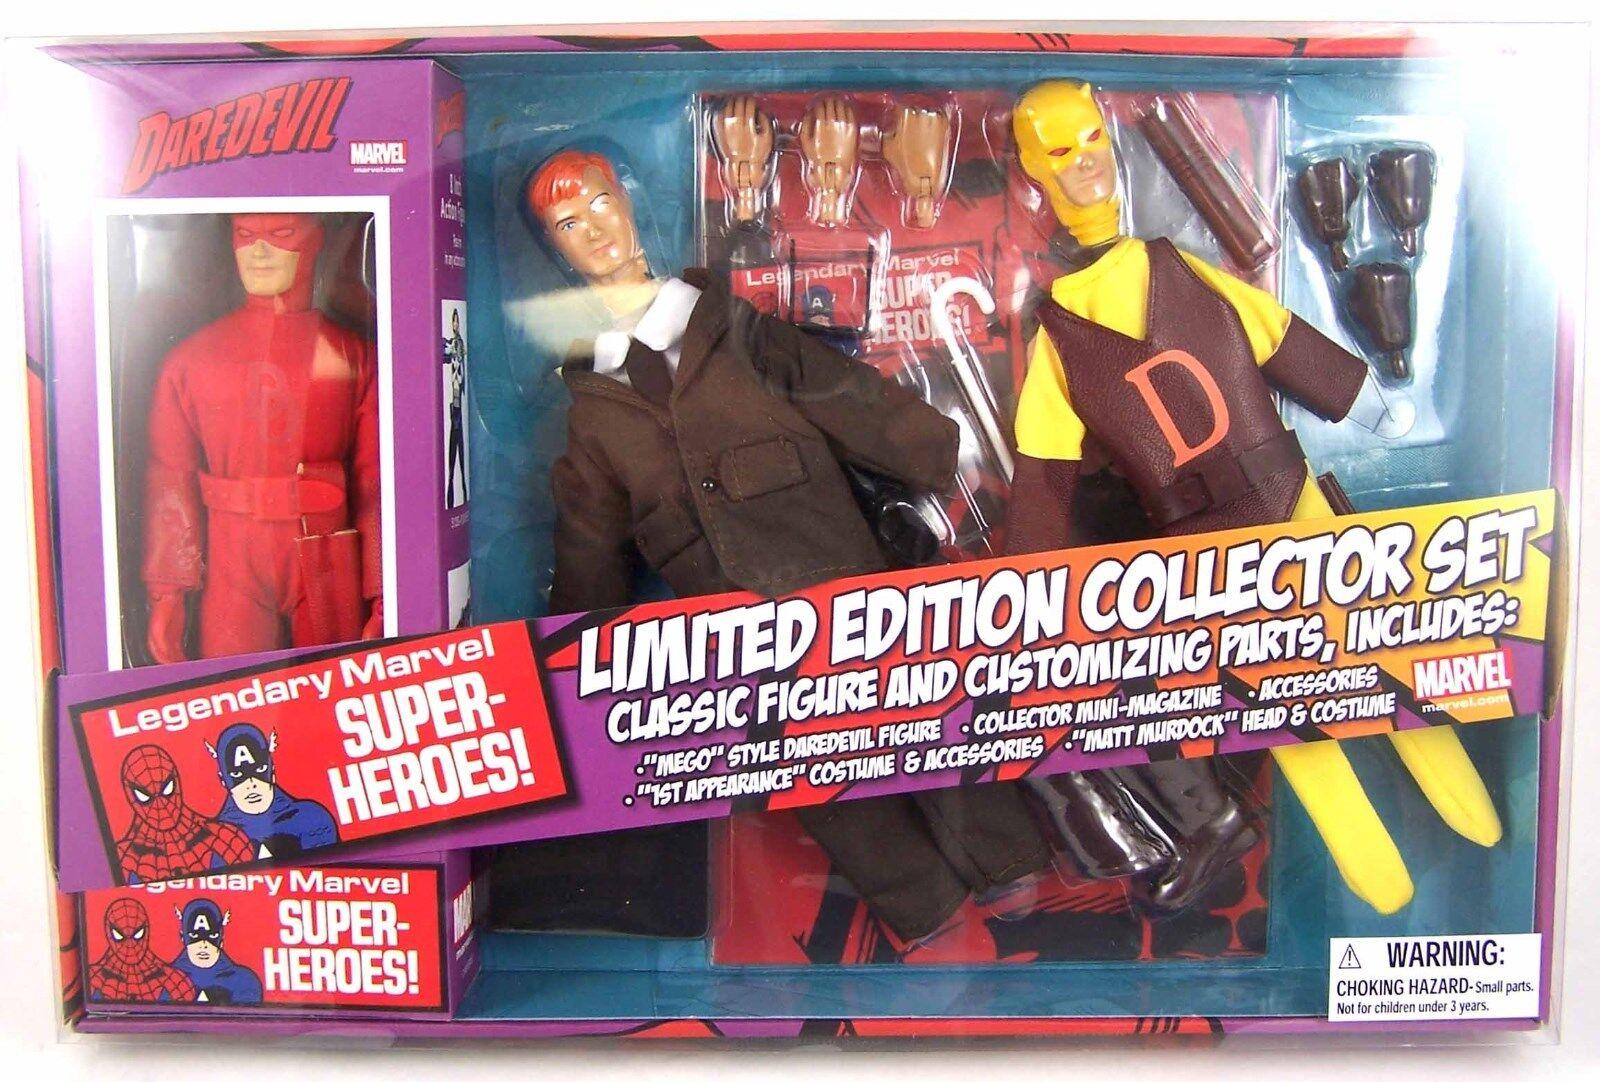 Diamond Comic Retro Deluxe Deluxe Deluxe Daredevil Set 1 9 scale DC-162460 f02e54